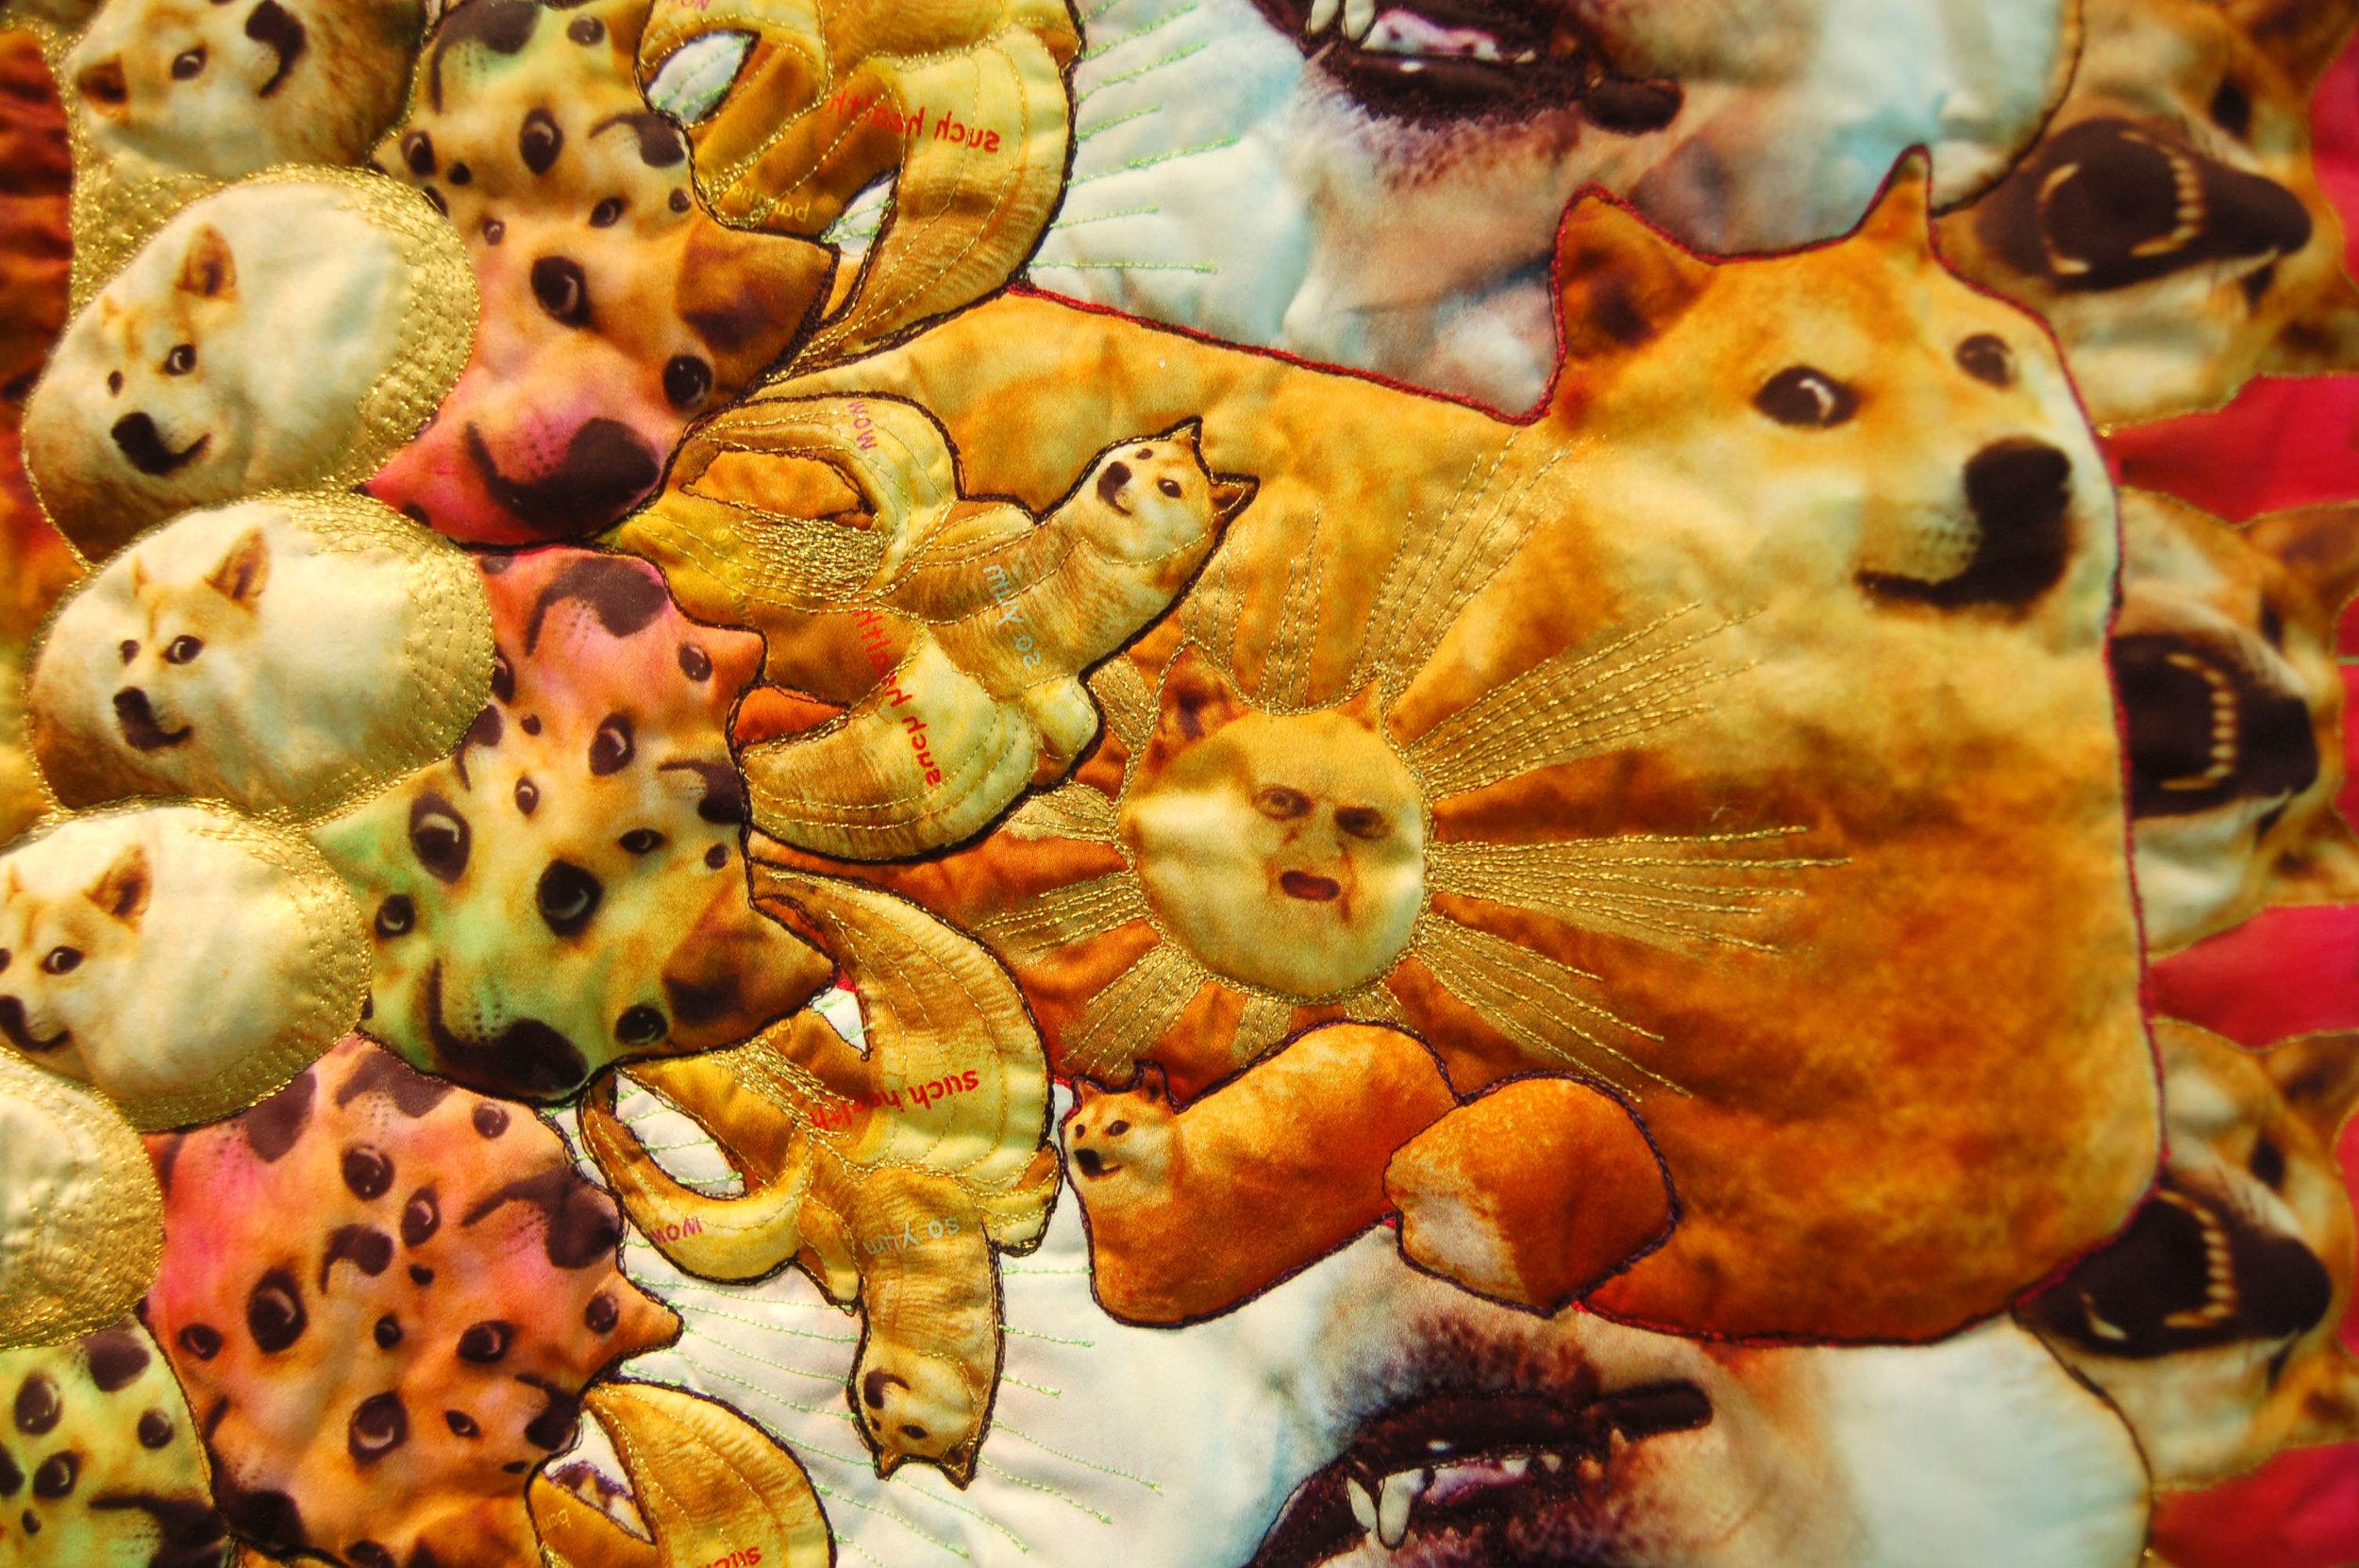 #Doge, detail